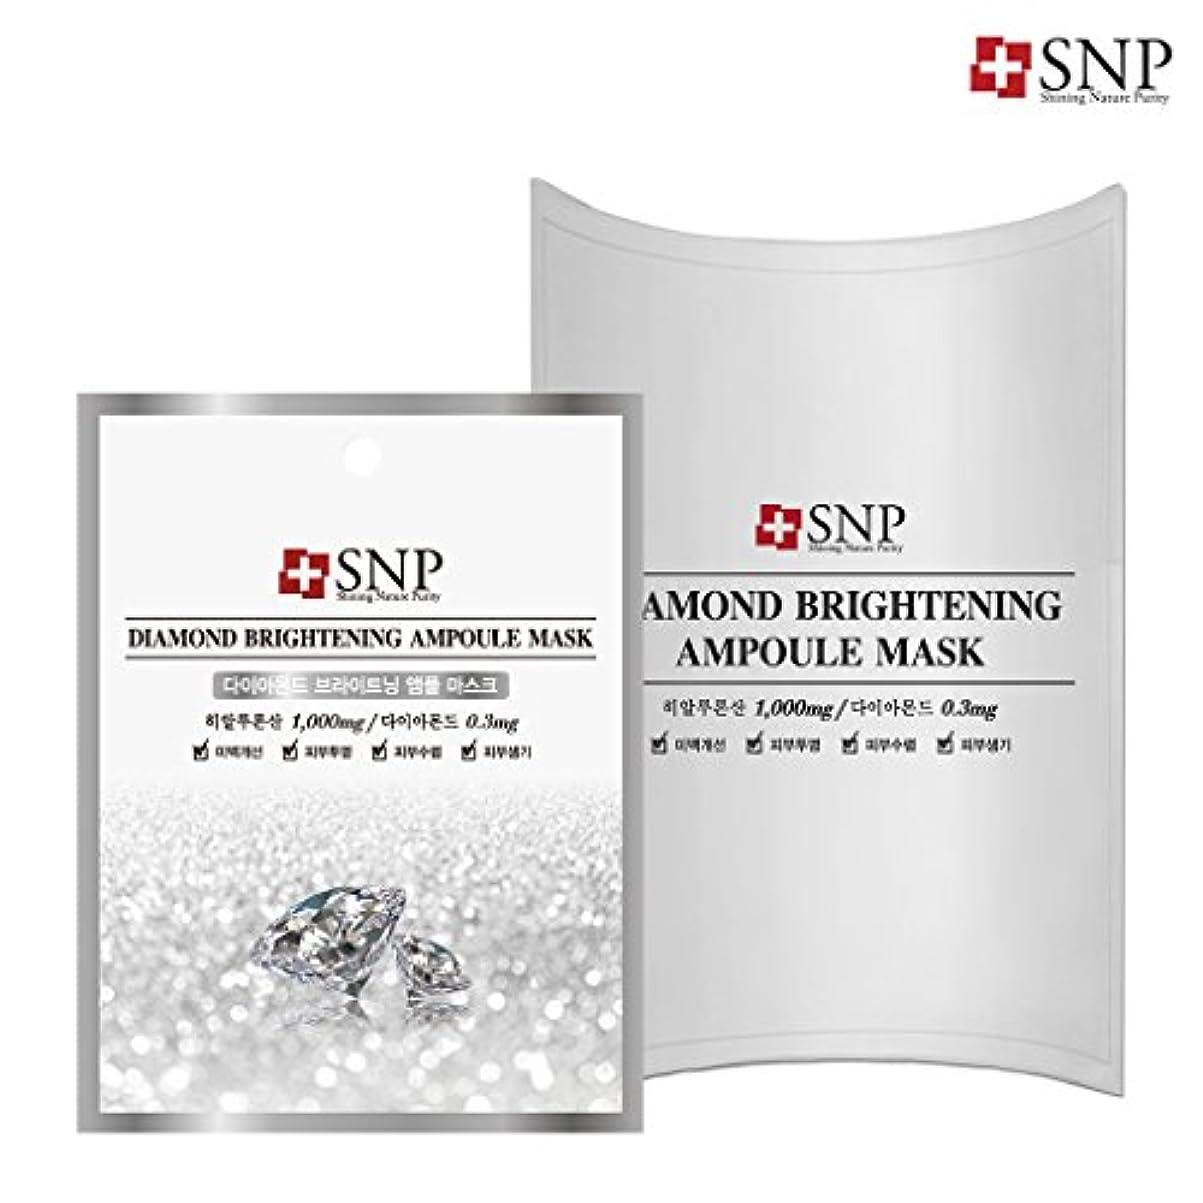 発音空玉SNP ダイアモンド ブライトニング アンプル マスク (10枚) 10枚/DIAMOND BRIGHTENING AMPOULE MASK 10EA[海外直送品]